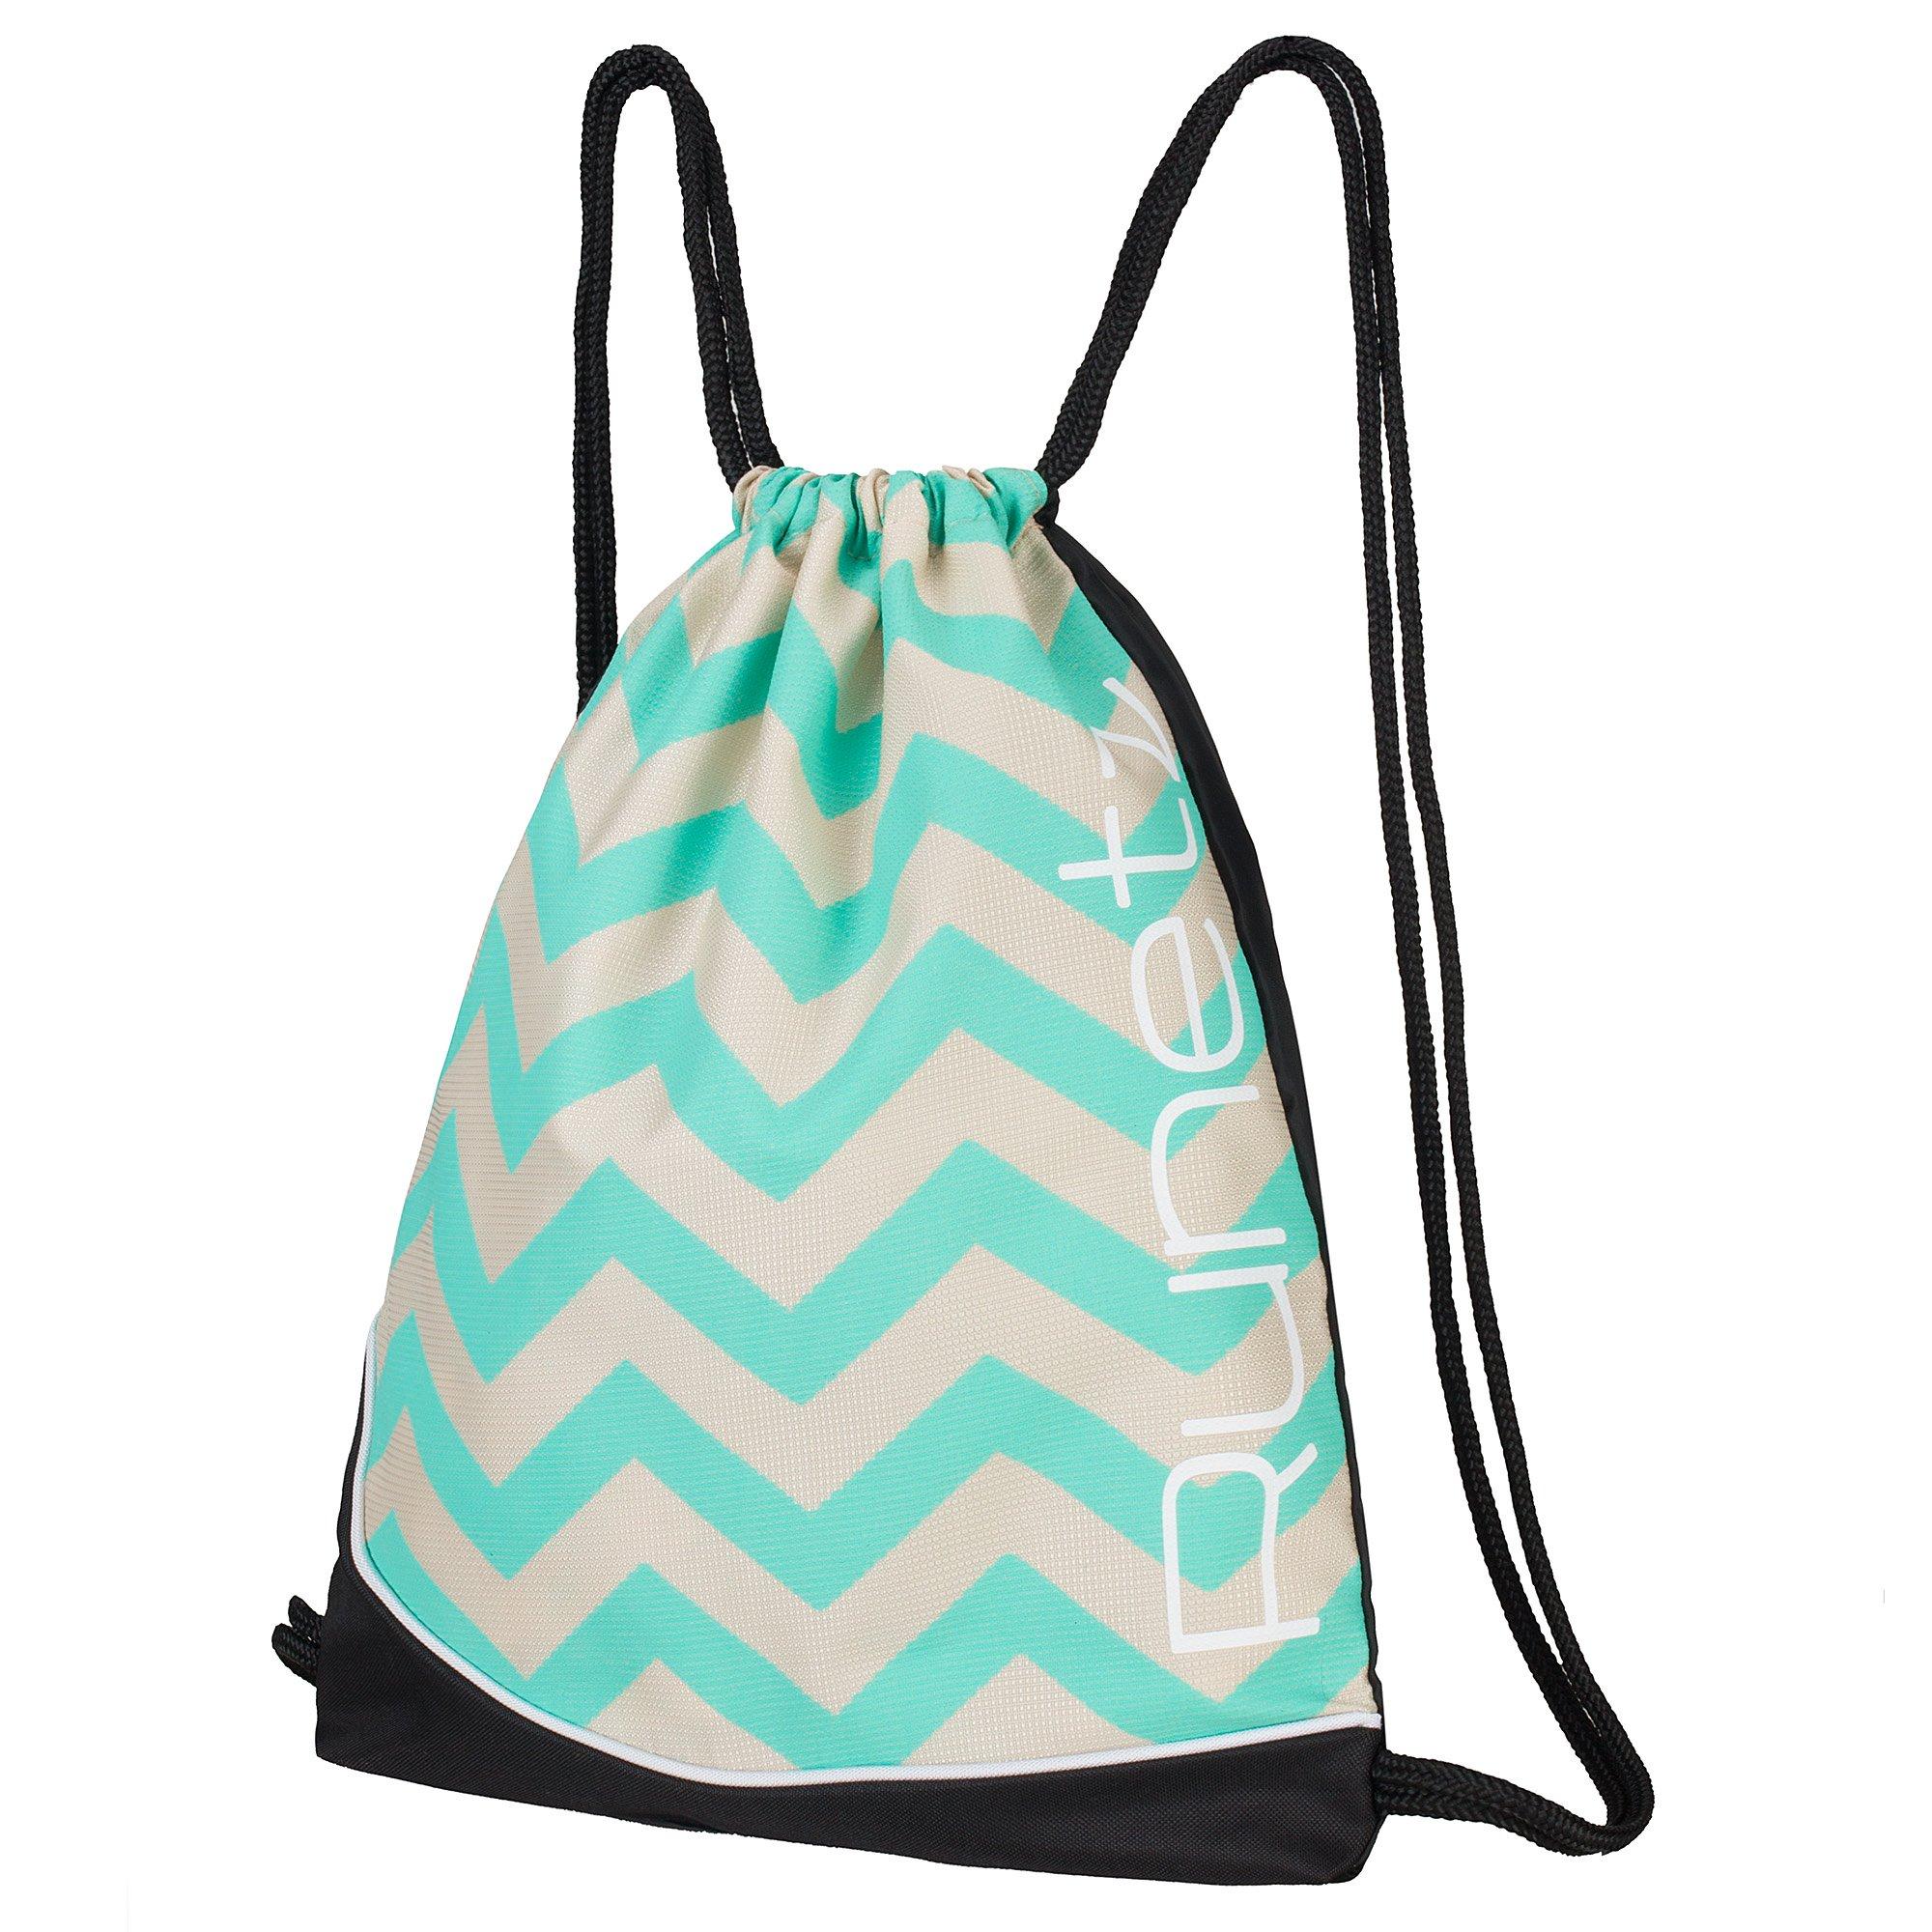 Runetz - Chevron HOT Teal Gym Sack Bag Drawstring Backpack Sport Bag for Men & Women Sackpack - Chevron Teal